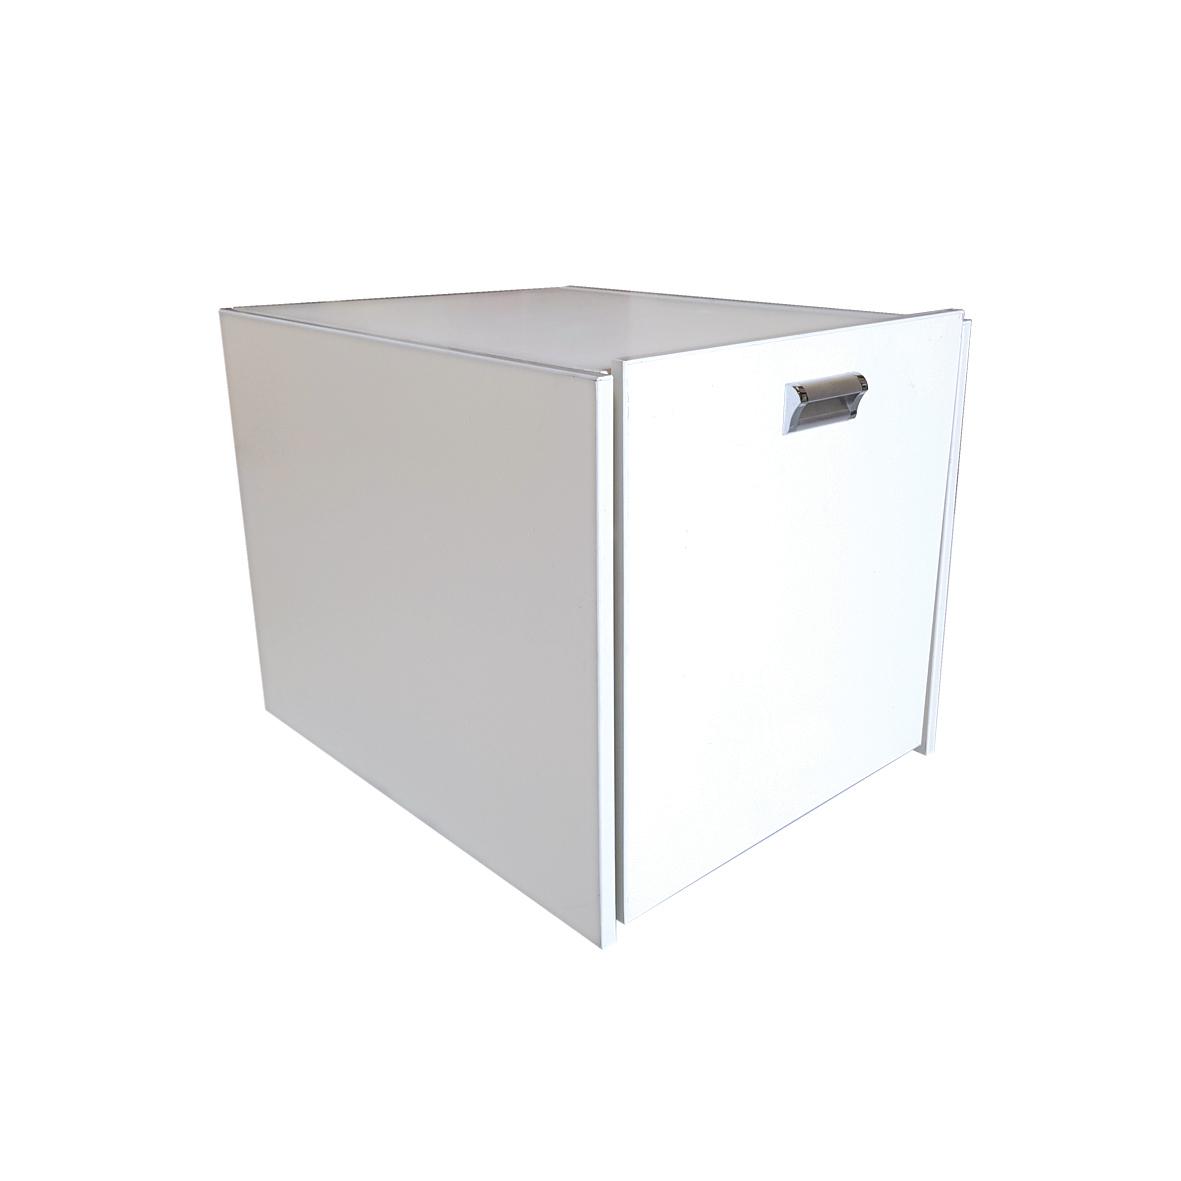 سطل زباله کابینتی کد 2